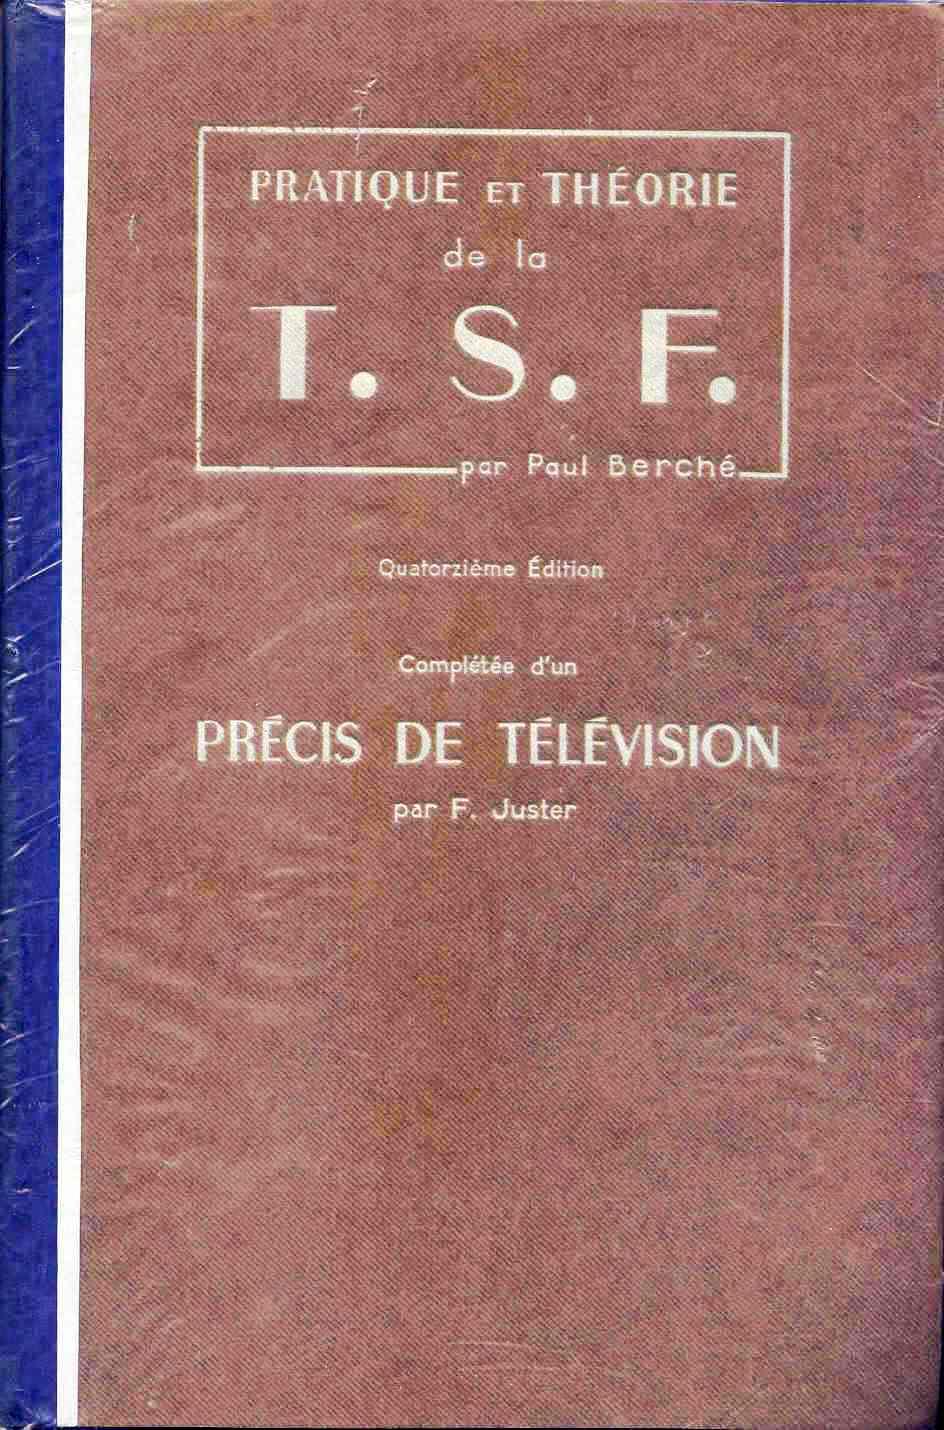 Pratique et théorie de la TSF BERCHE 14ème éd